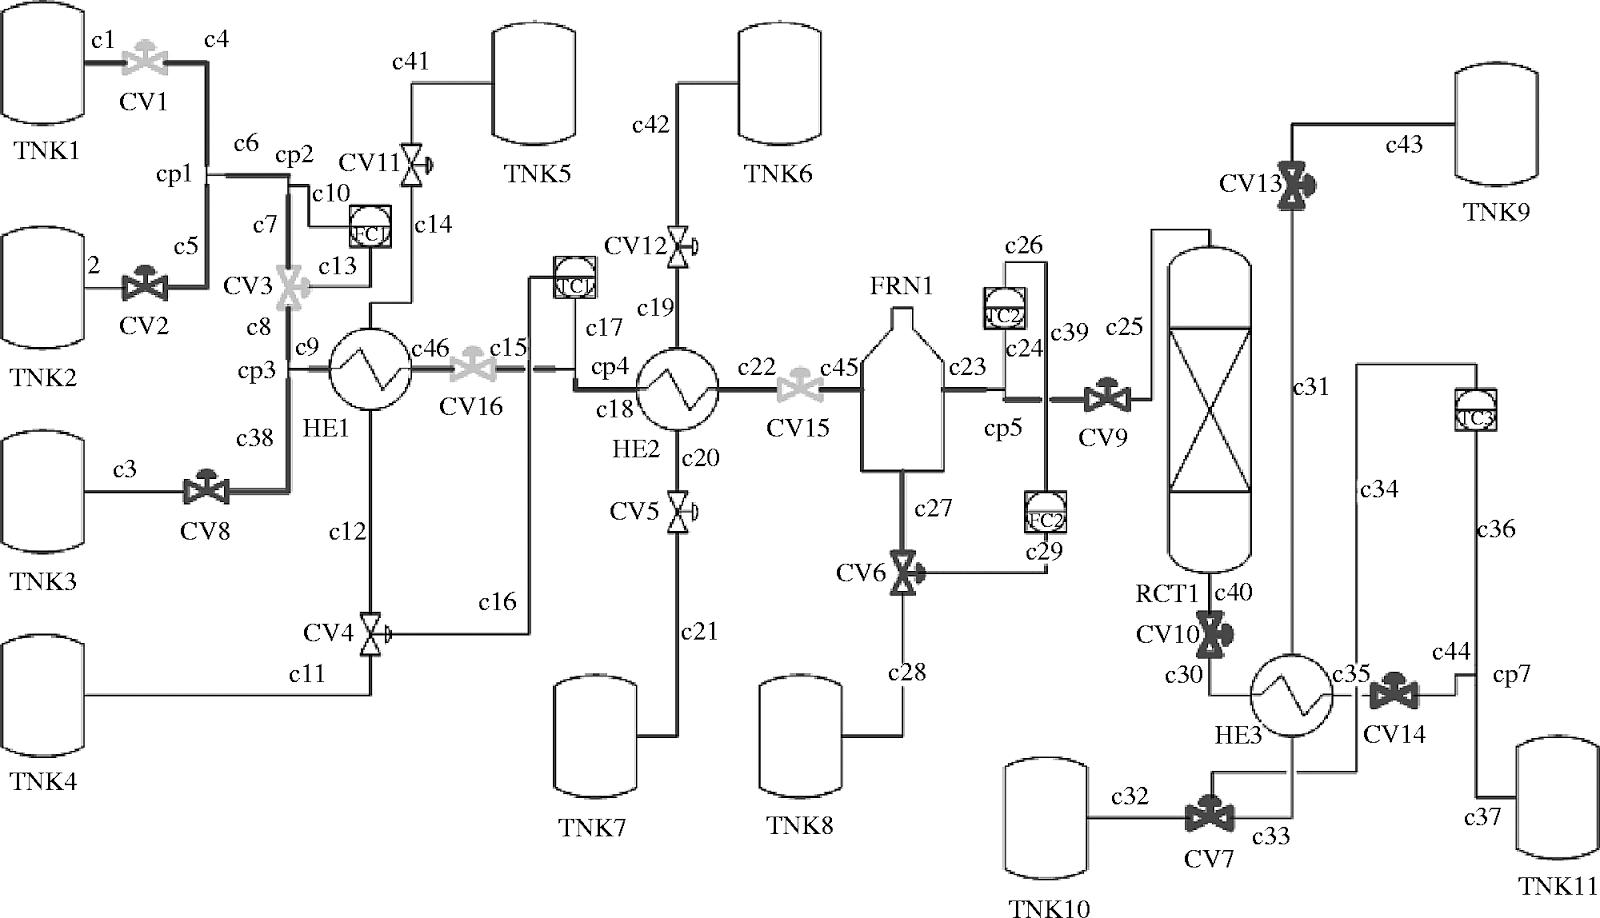 mecanico engenheiros piping and instrumentation diagram